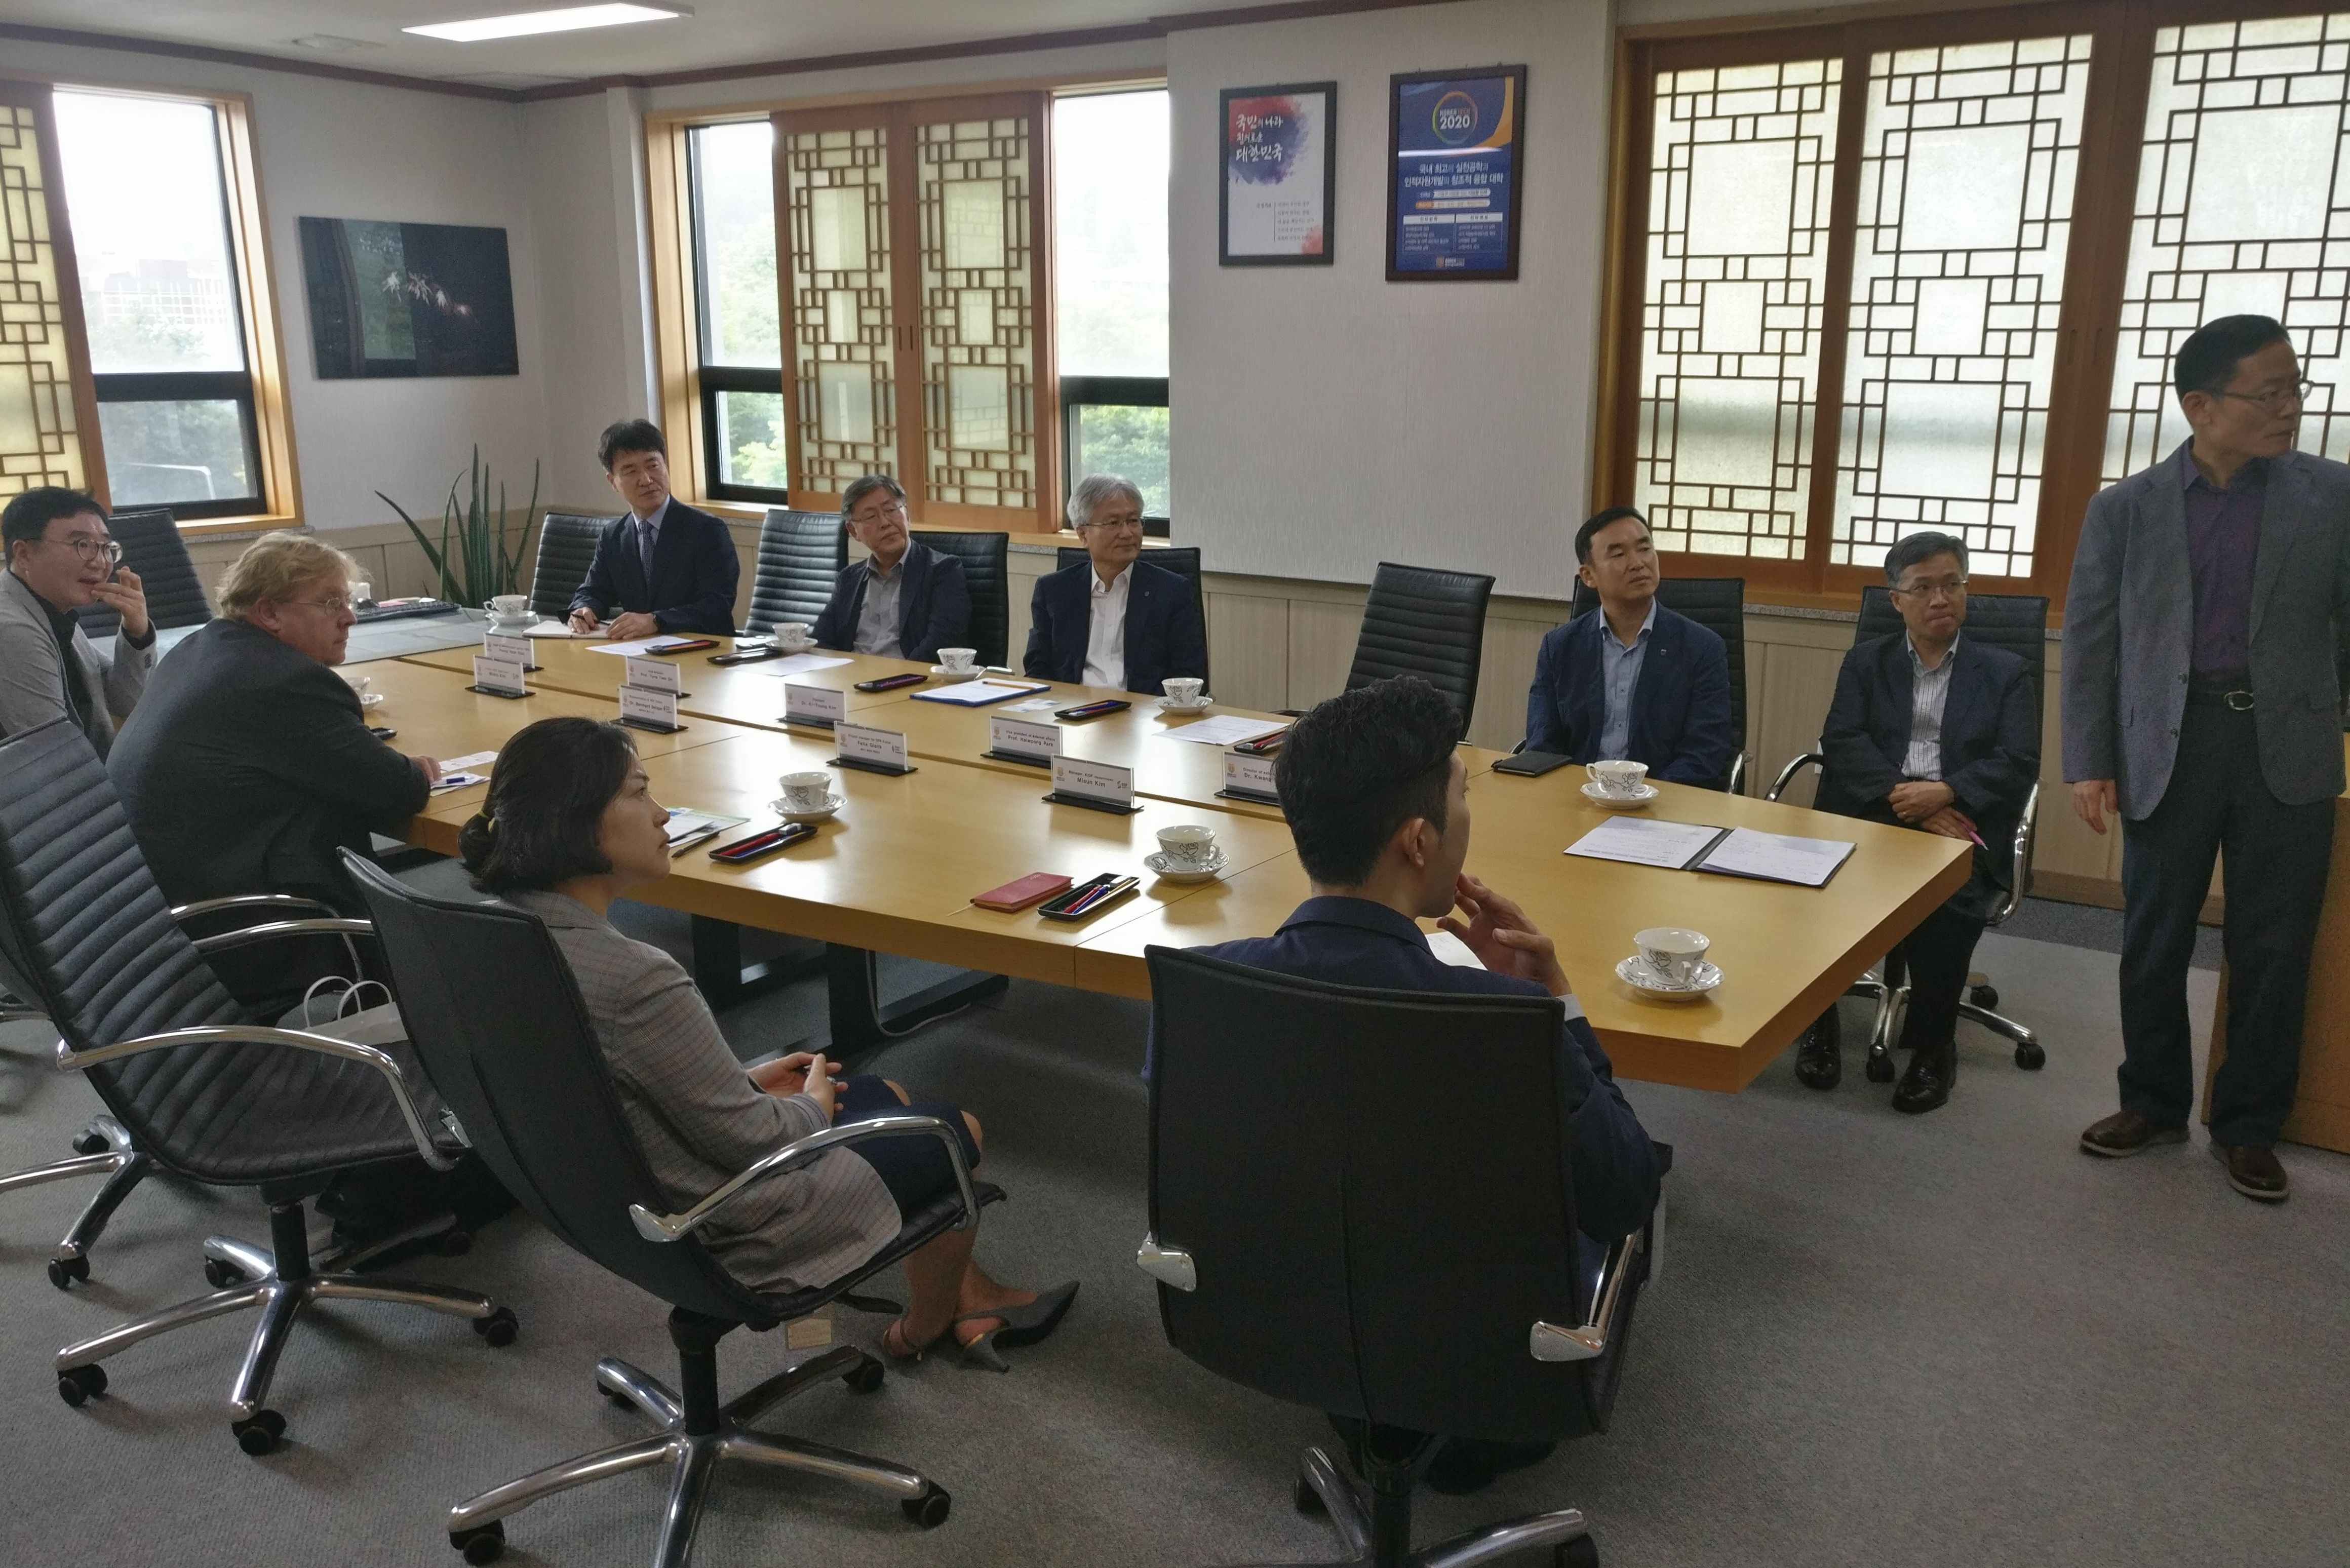 Während der Diskussion wurden auch die politischen Veränderungen und potenzielle Möglichkeiten angesprochen, wie KoreaTech, die Kaeseong Industrial District Foundation und die Hanns-Seidel-Stiftung Korea gemeinsam an der Förderung der Berufsausbildung in Nordkorea arbeiten können.